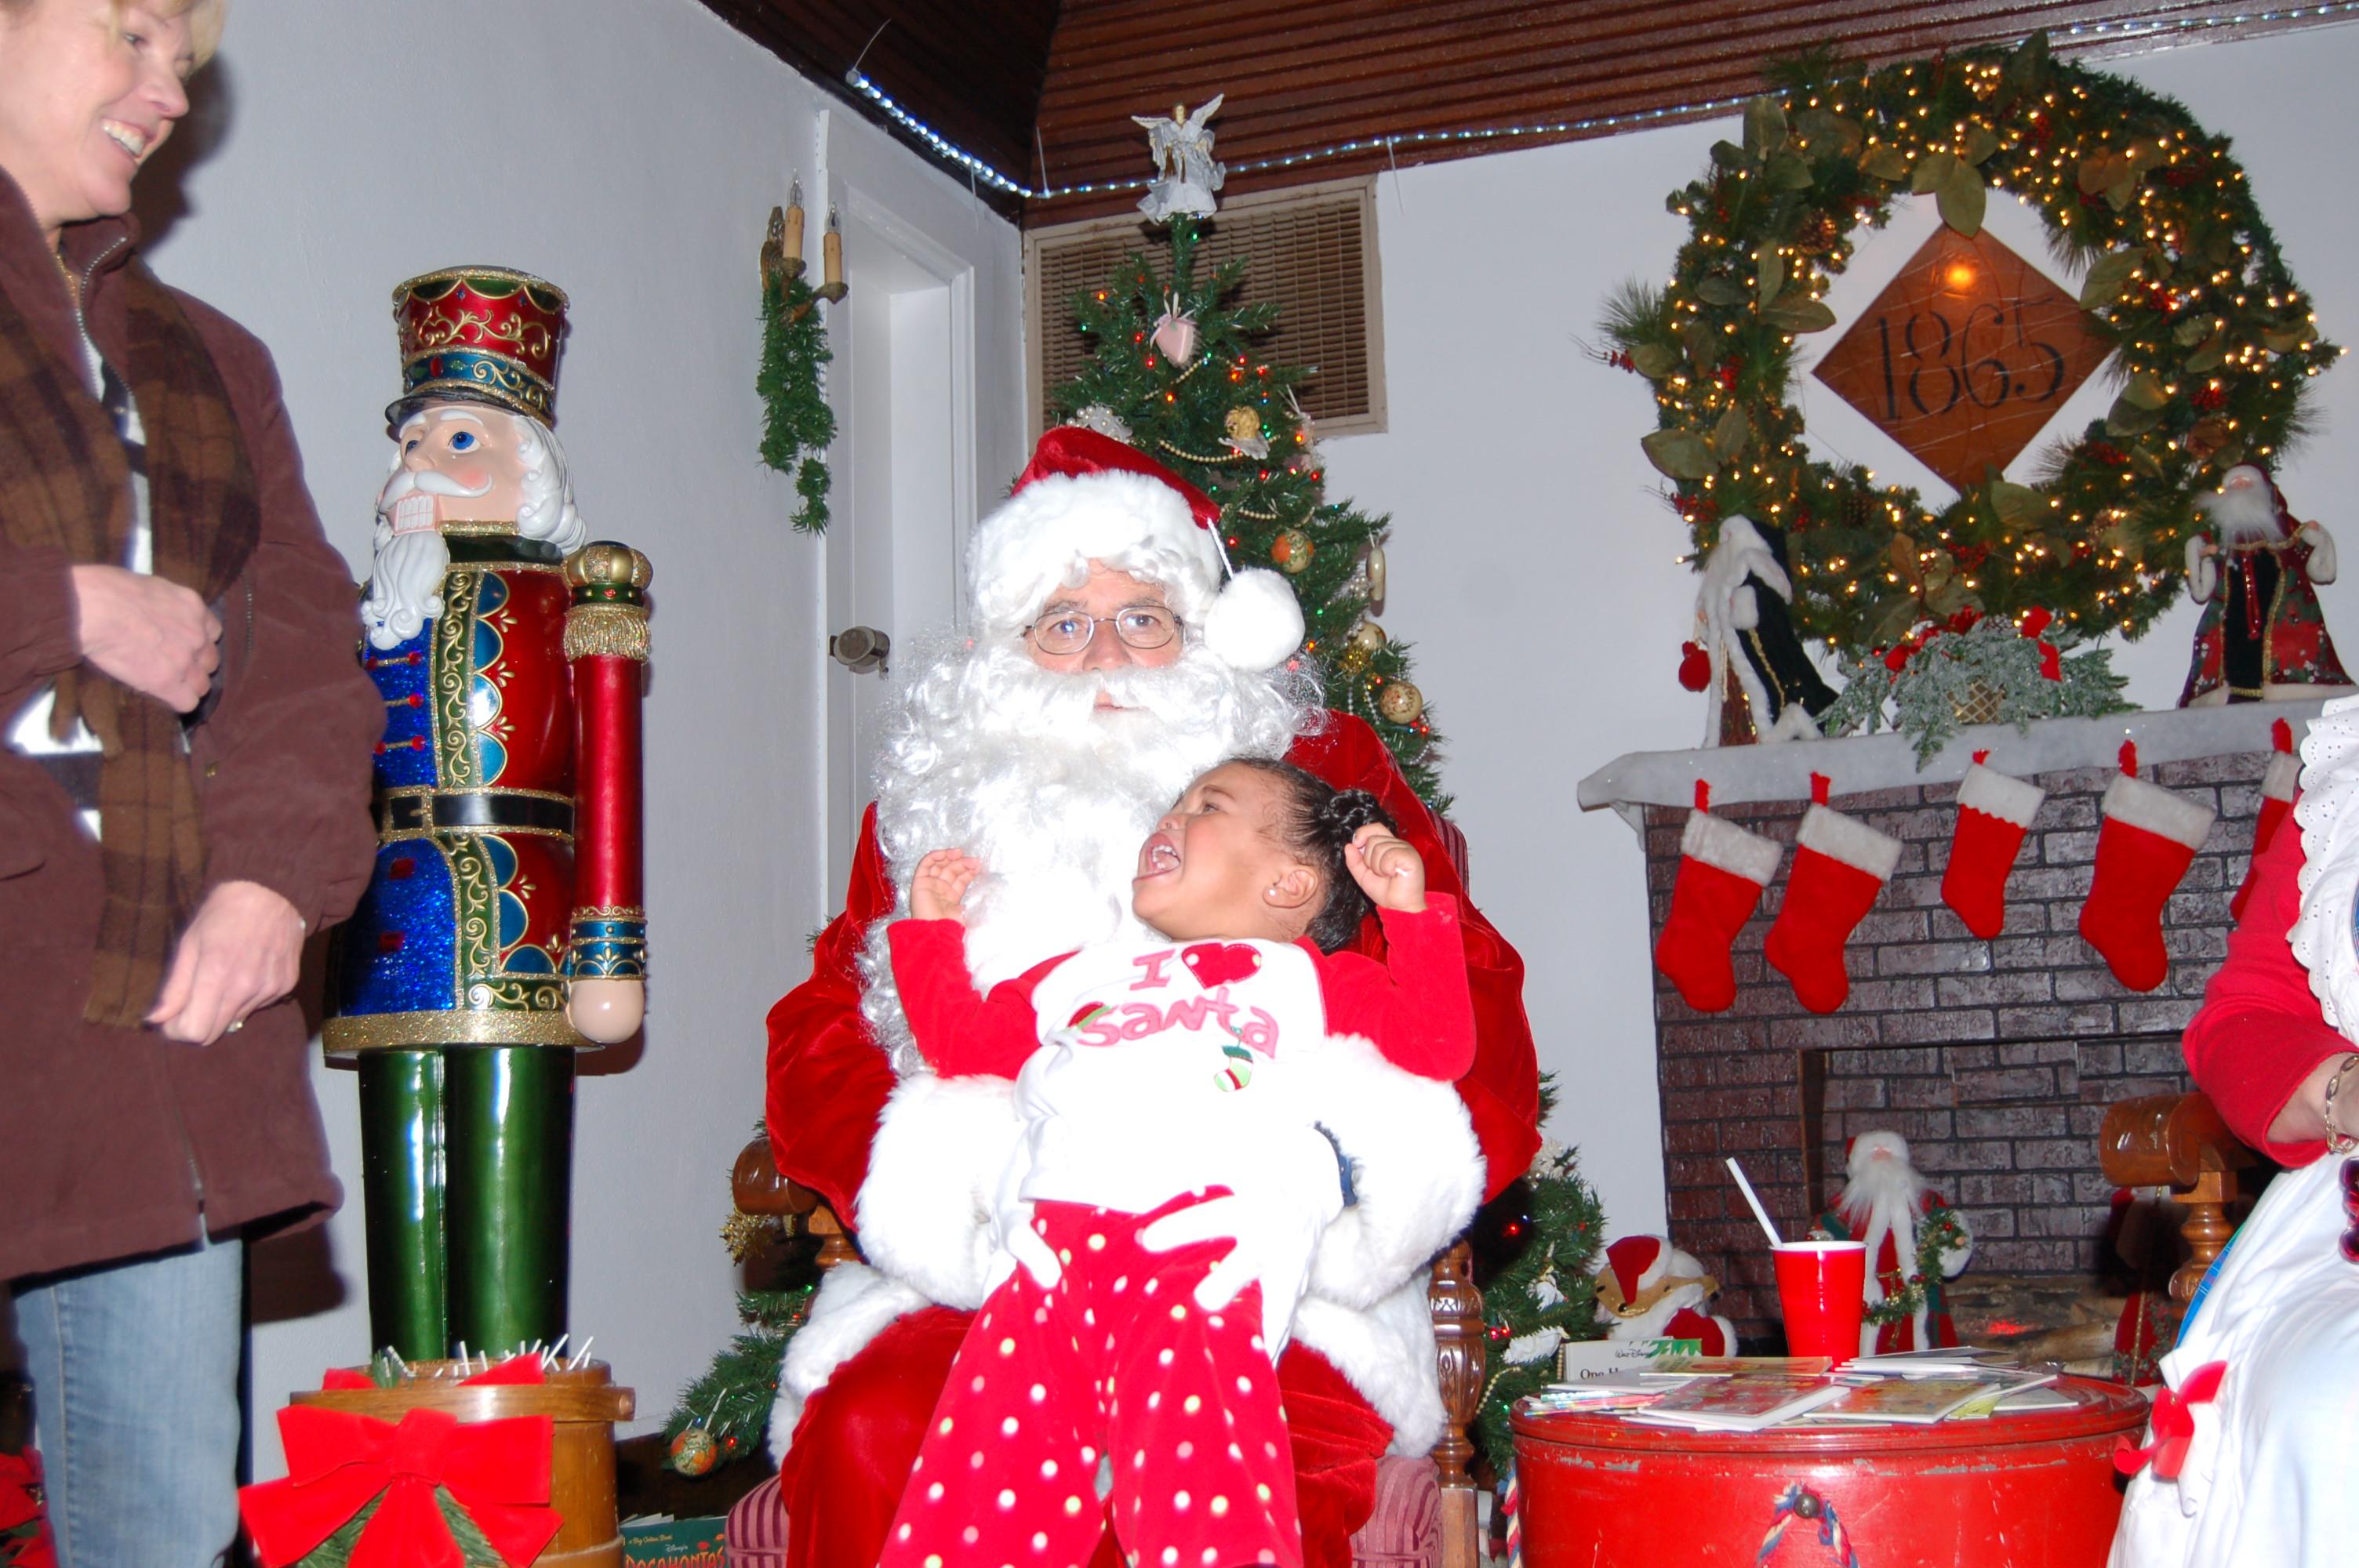 LolliPop+Lane+12-12-2008+Picture+005.jpg